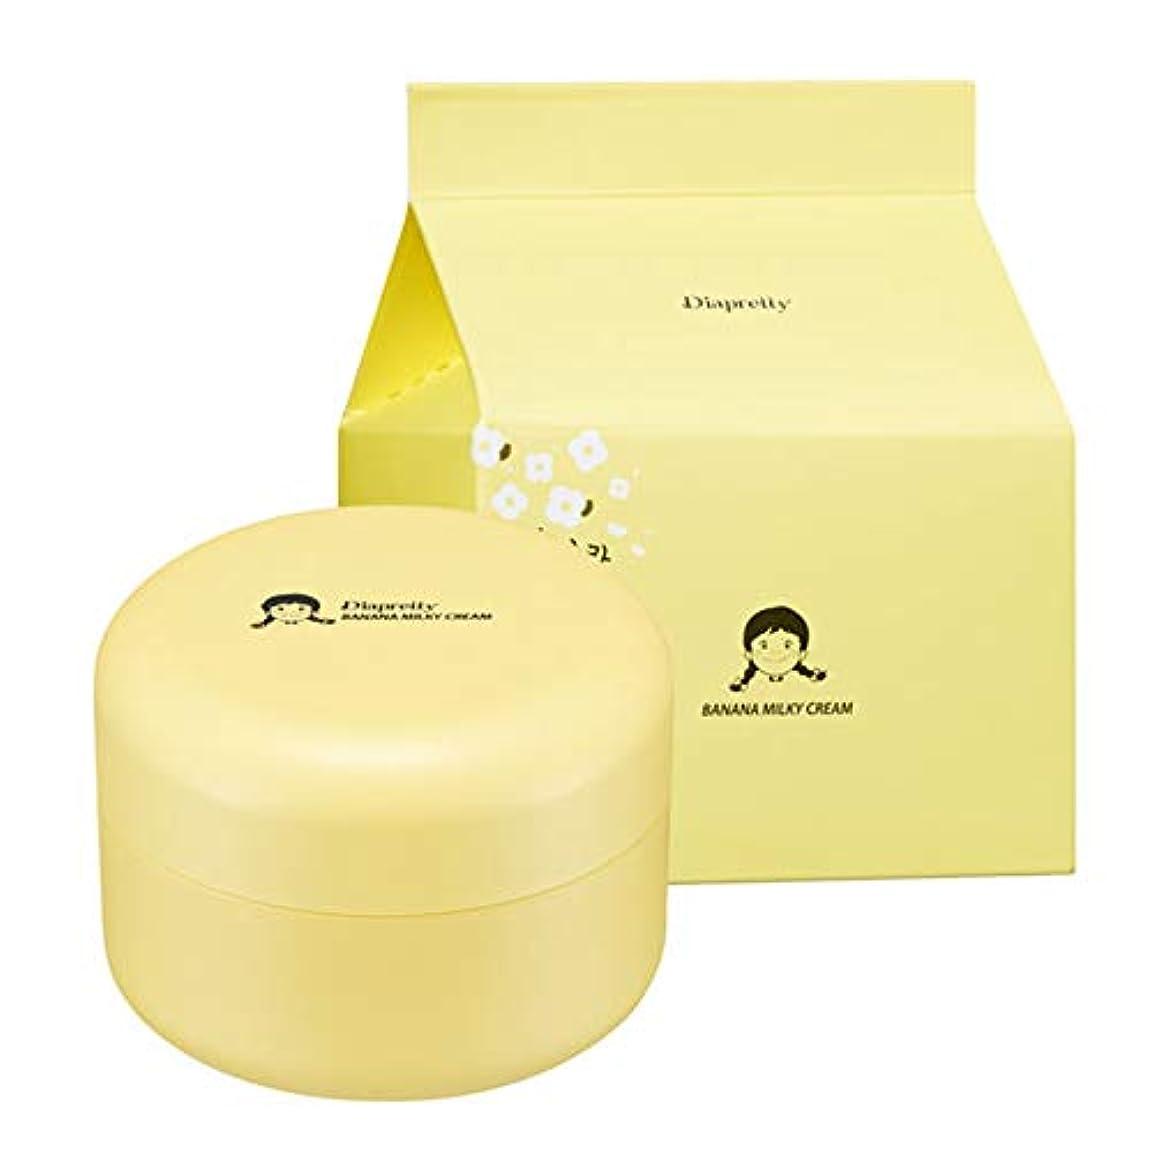 改修ナンセンス勧告[ダイアプリティ] バナナ ミルキークリーム 50ml, [Diapretty]Banana Milky Cream 50ml